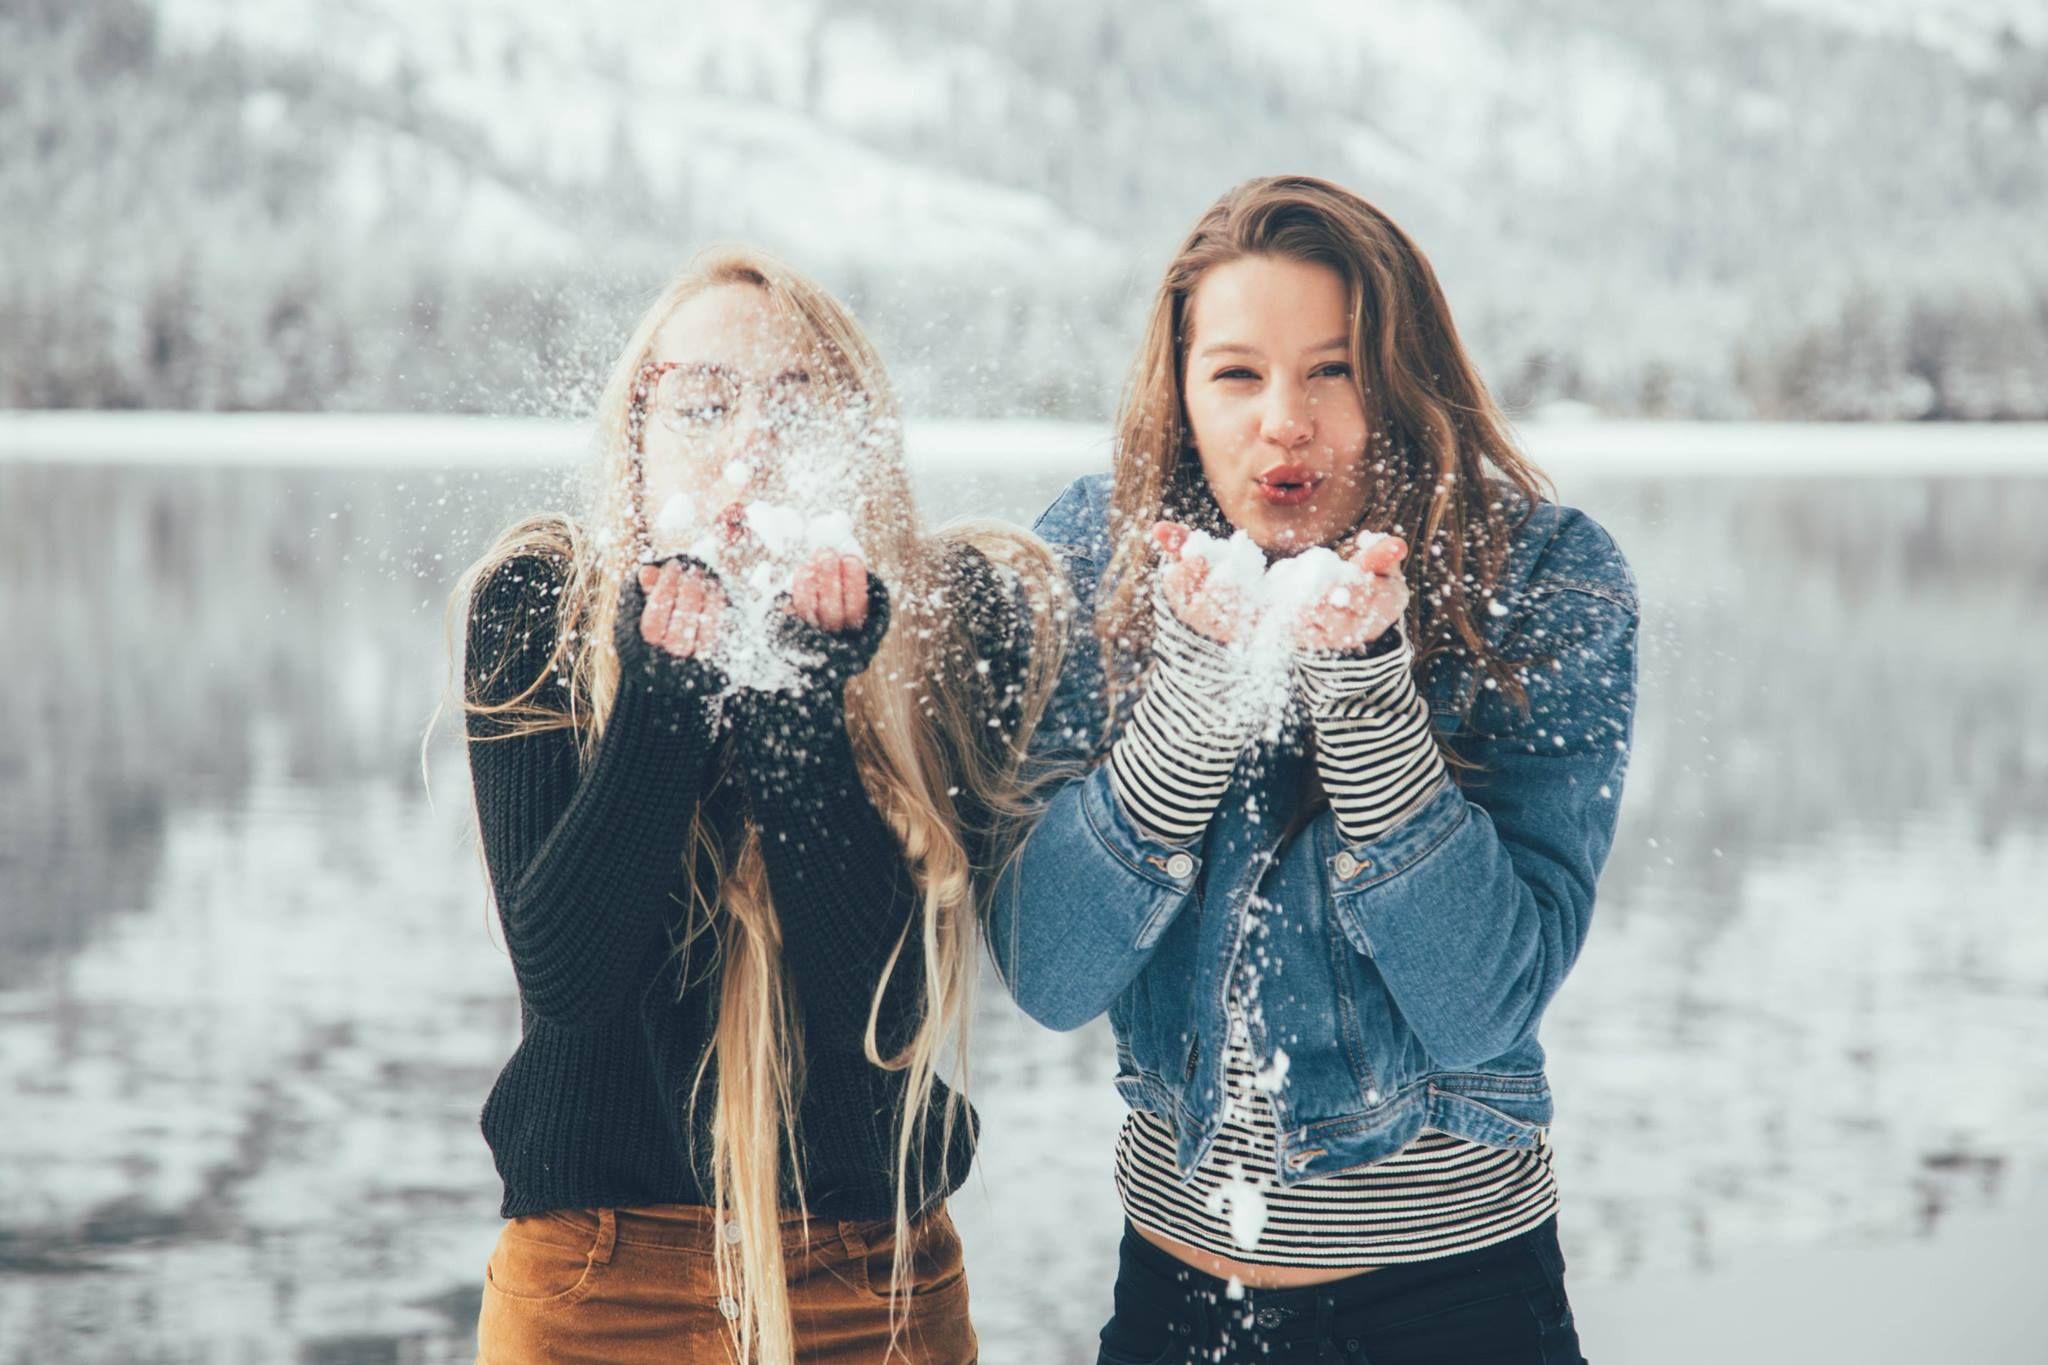 Зимние фотосессии на улице с подругами федун